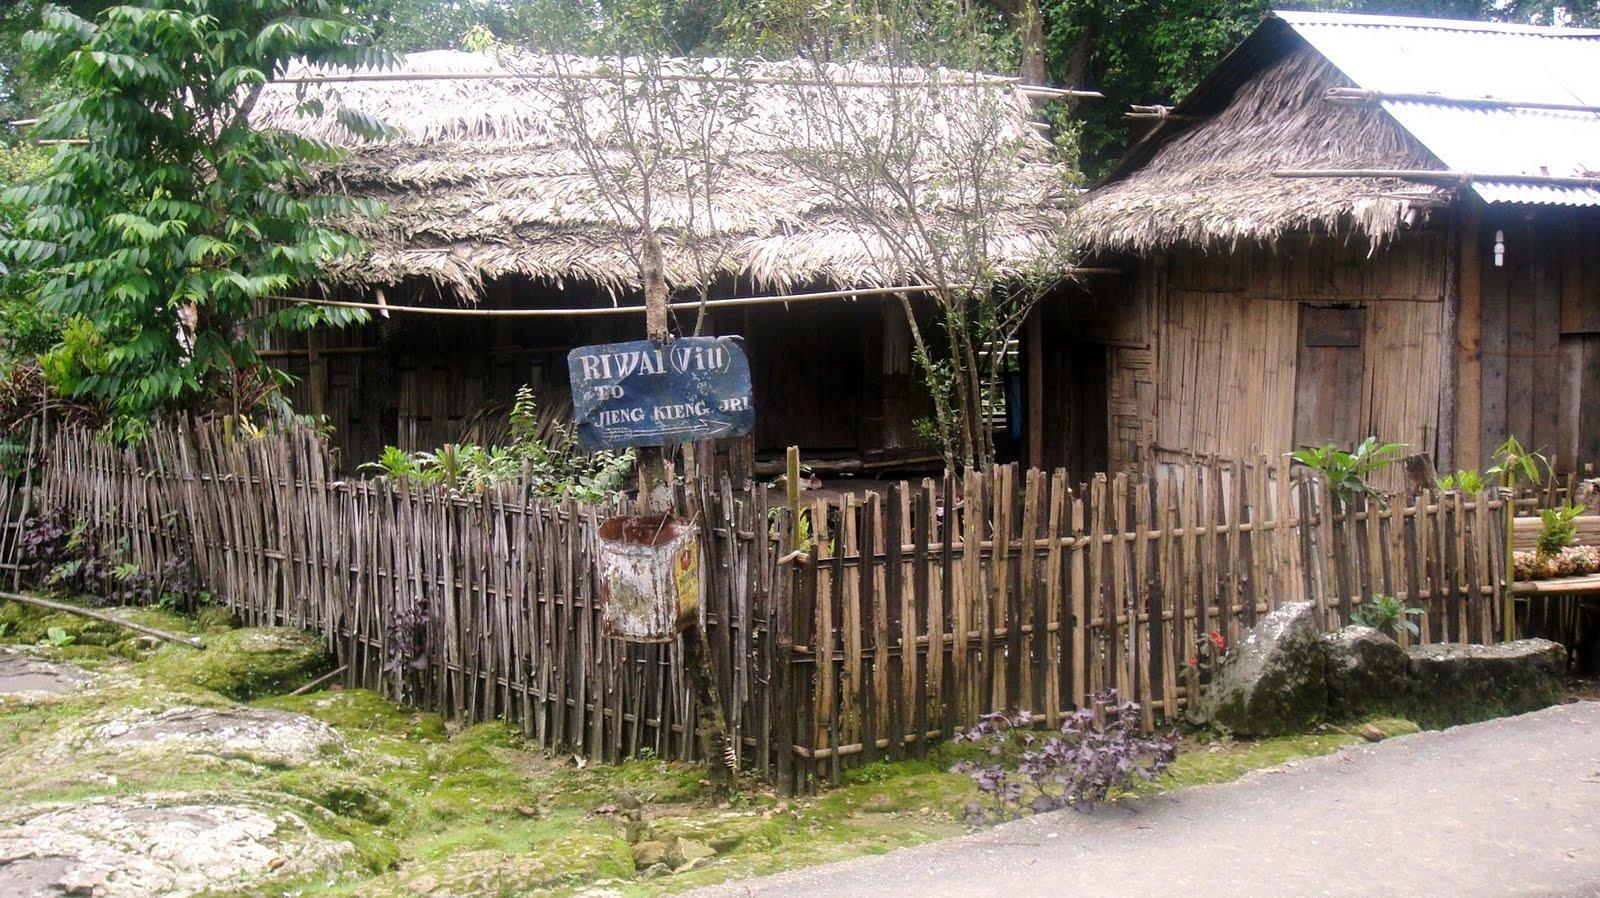 my room: Jingkieng Jri : Living Root Bridge Of Riwai of ...